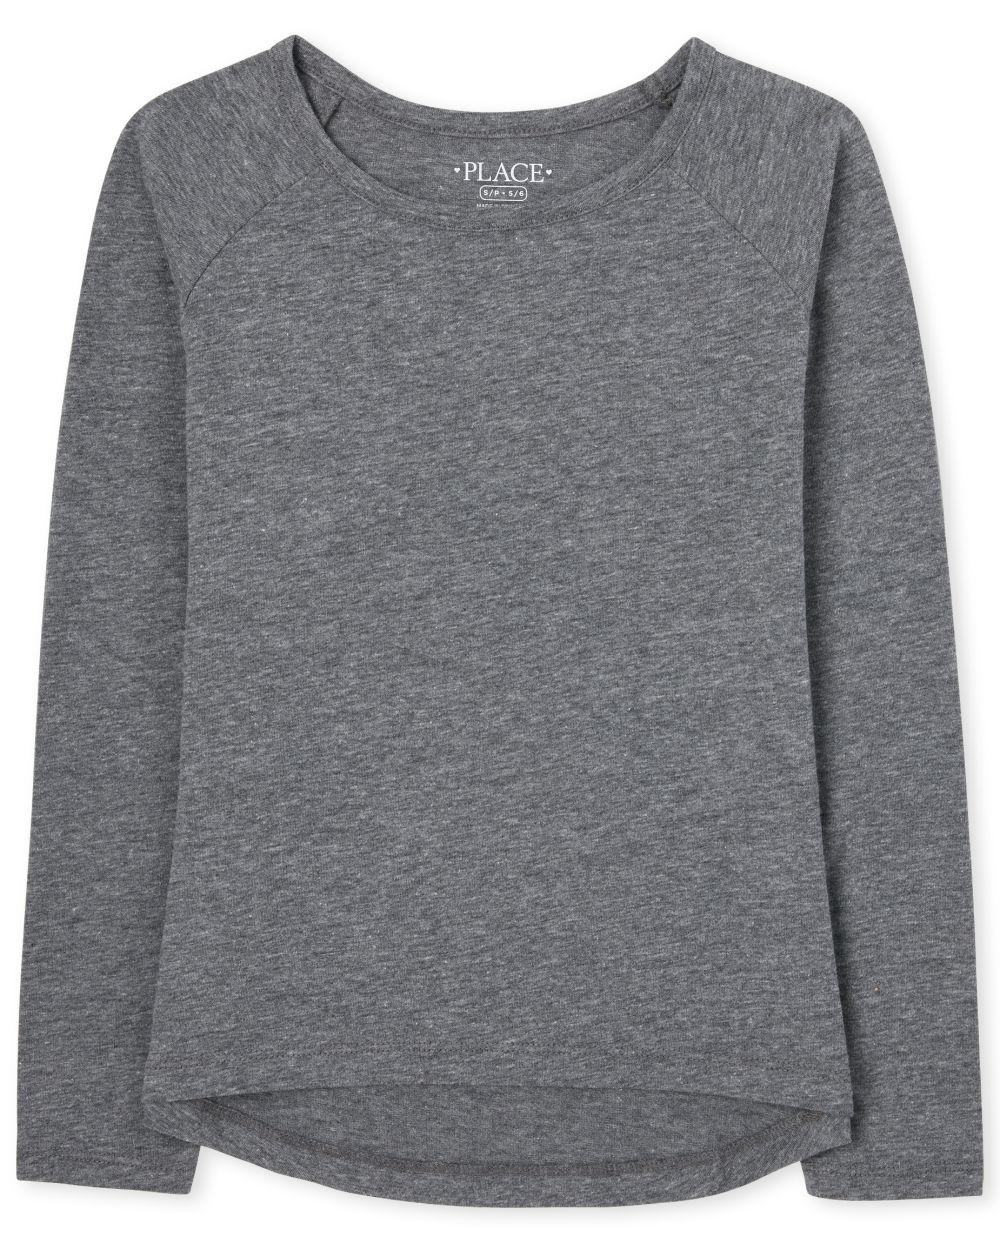 Girls Basic Layering Tee - Gray T-Shirt